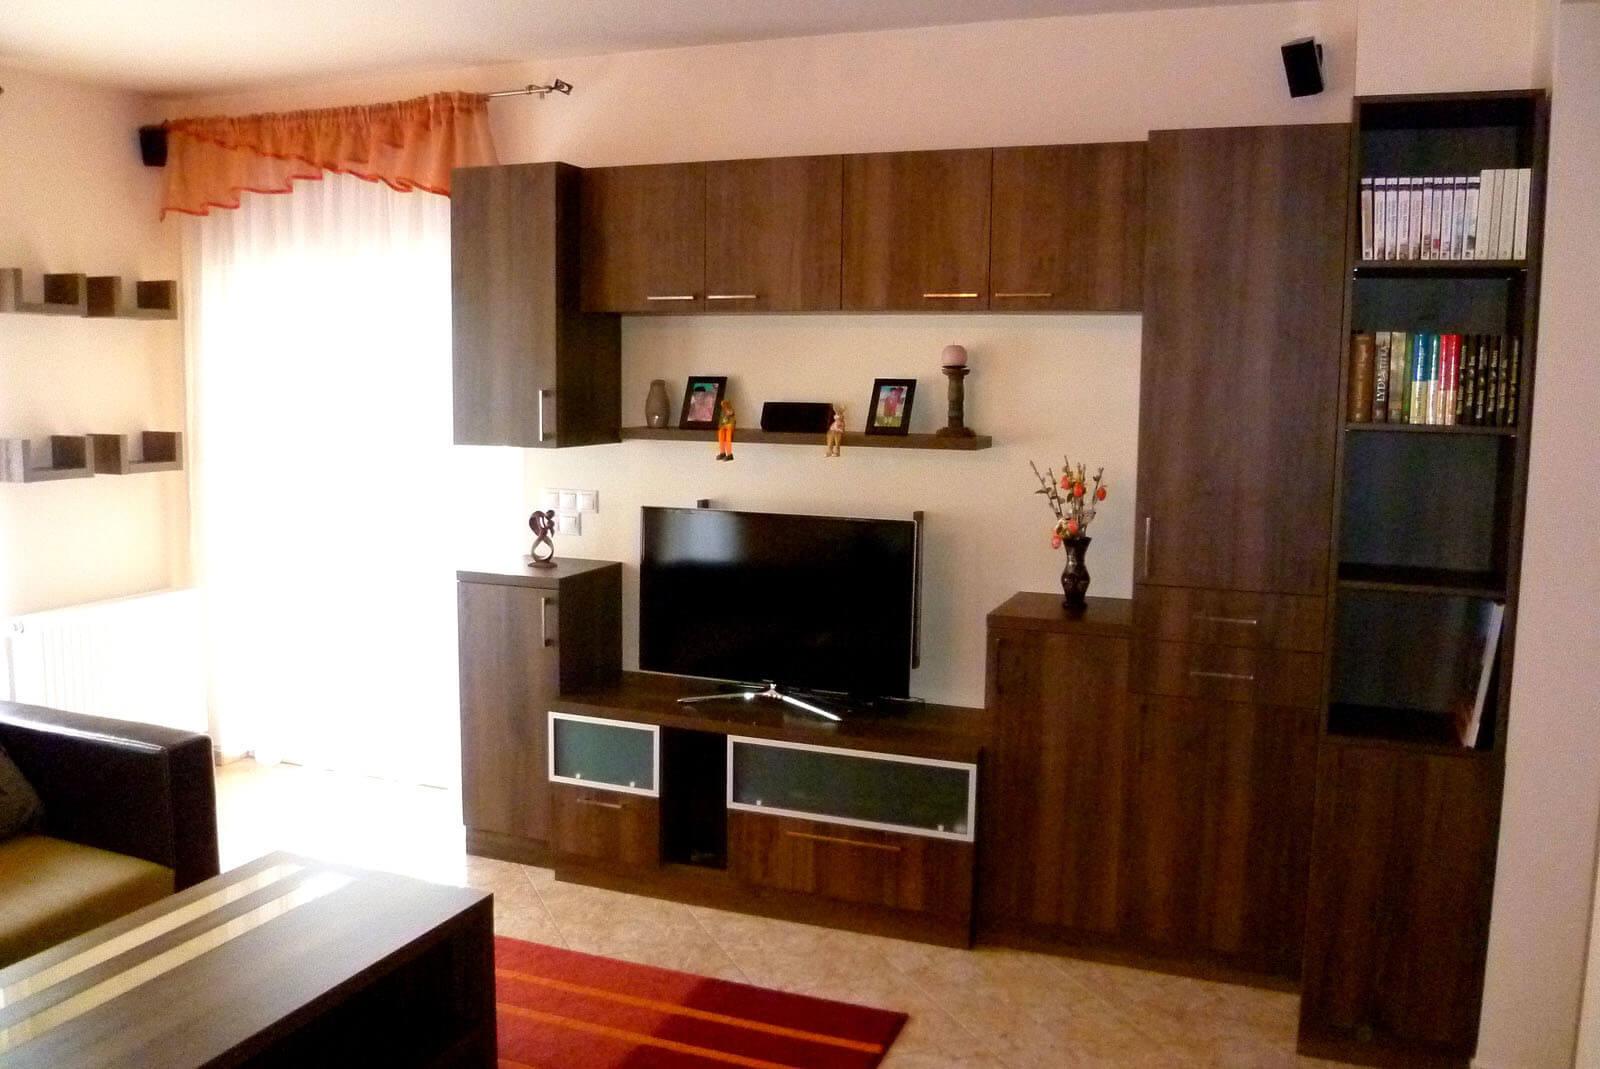 Egyedi nappali bútor készítés alukeretes savmart üvegbetétes ajtókkal, rejtett LED világítással a tv mögött